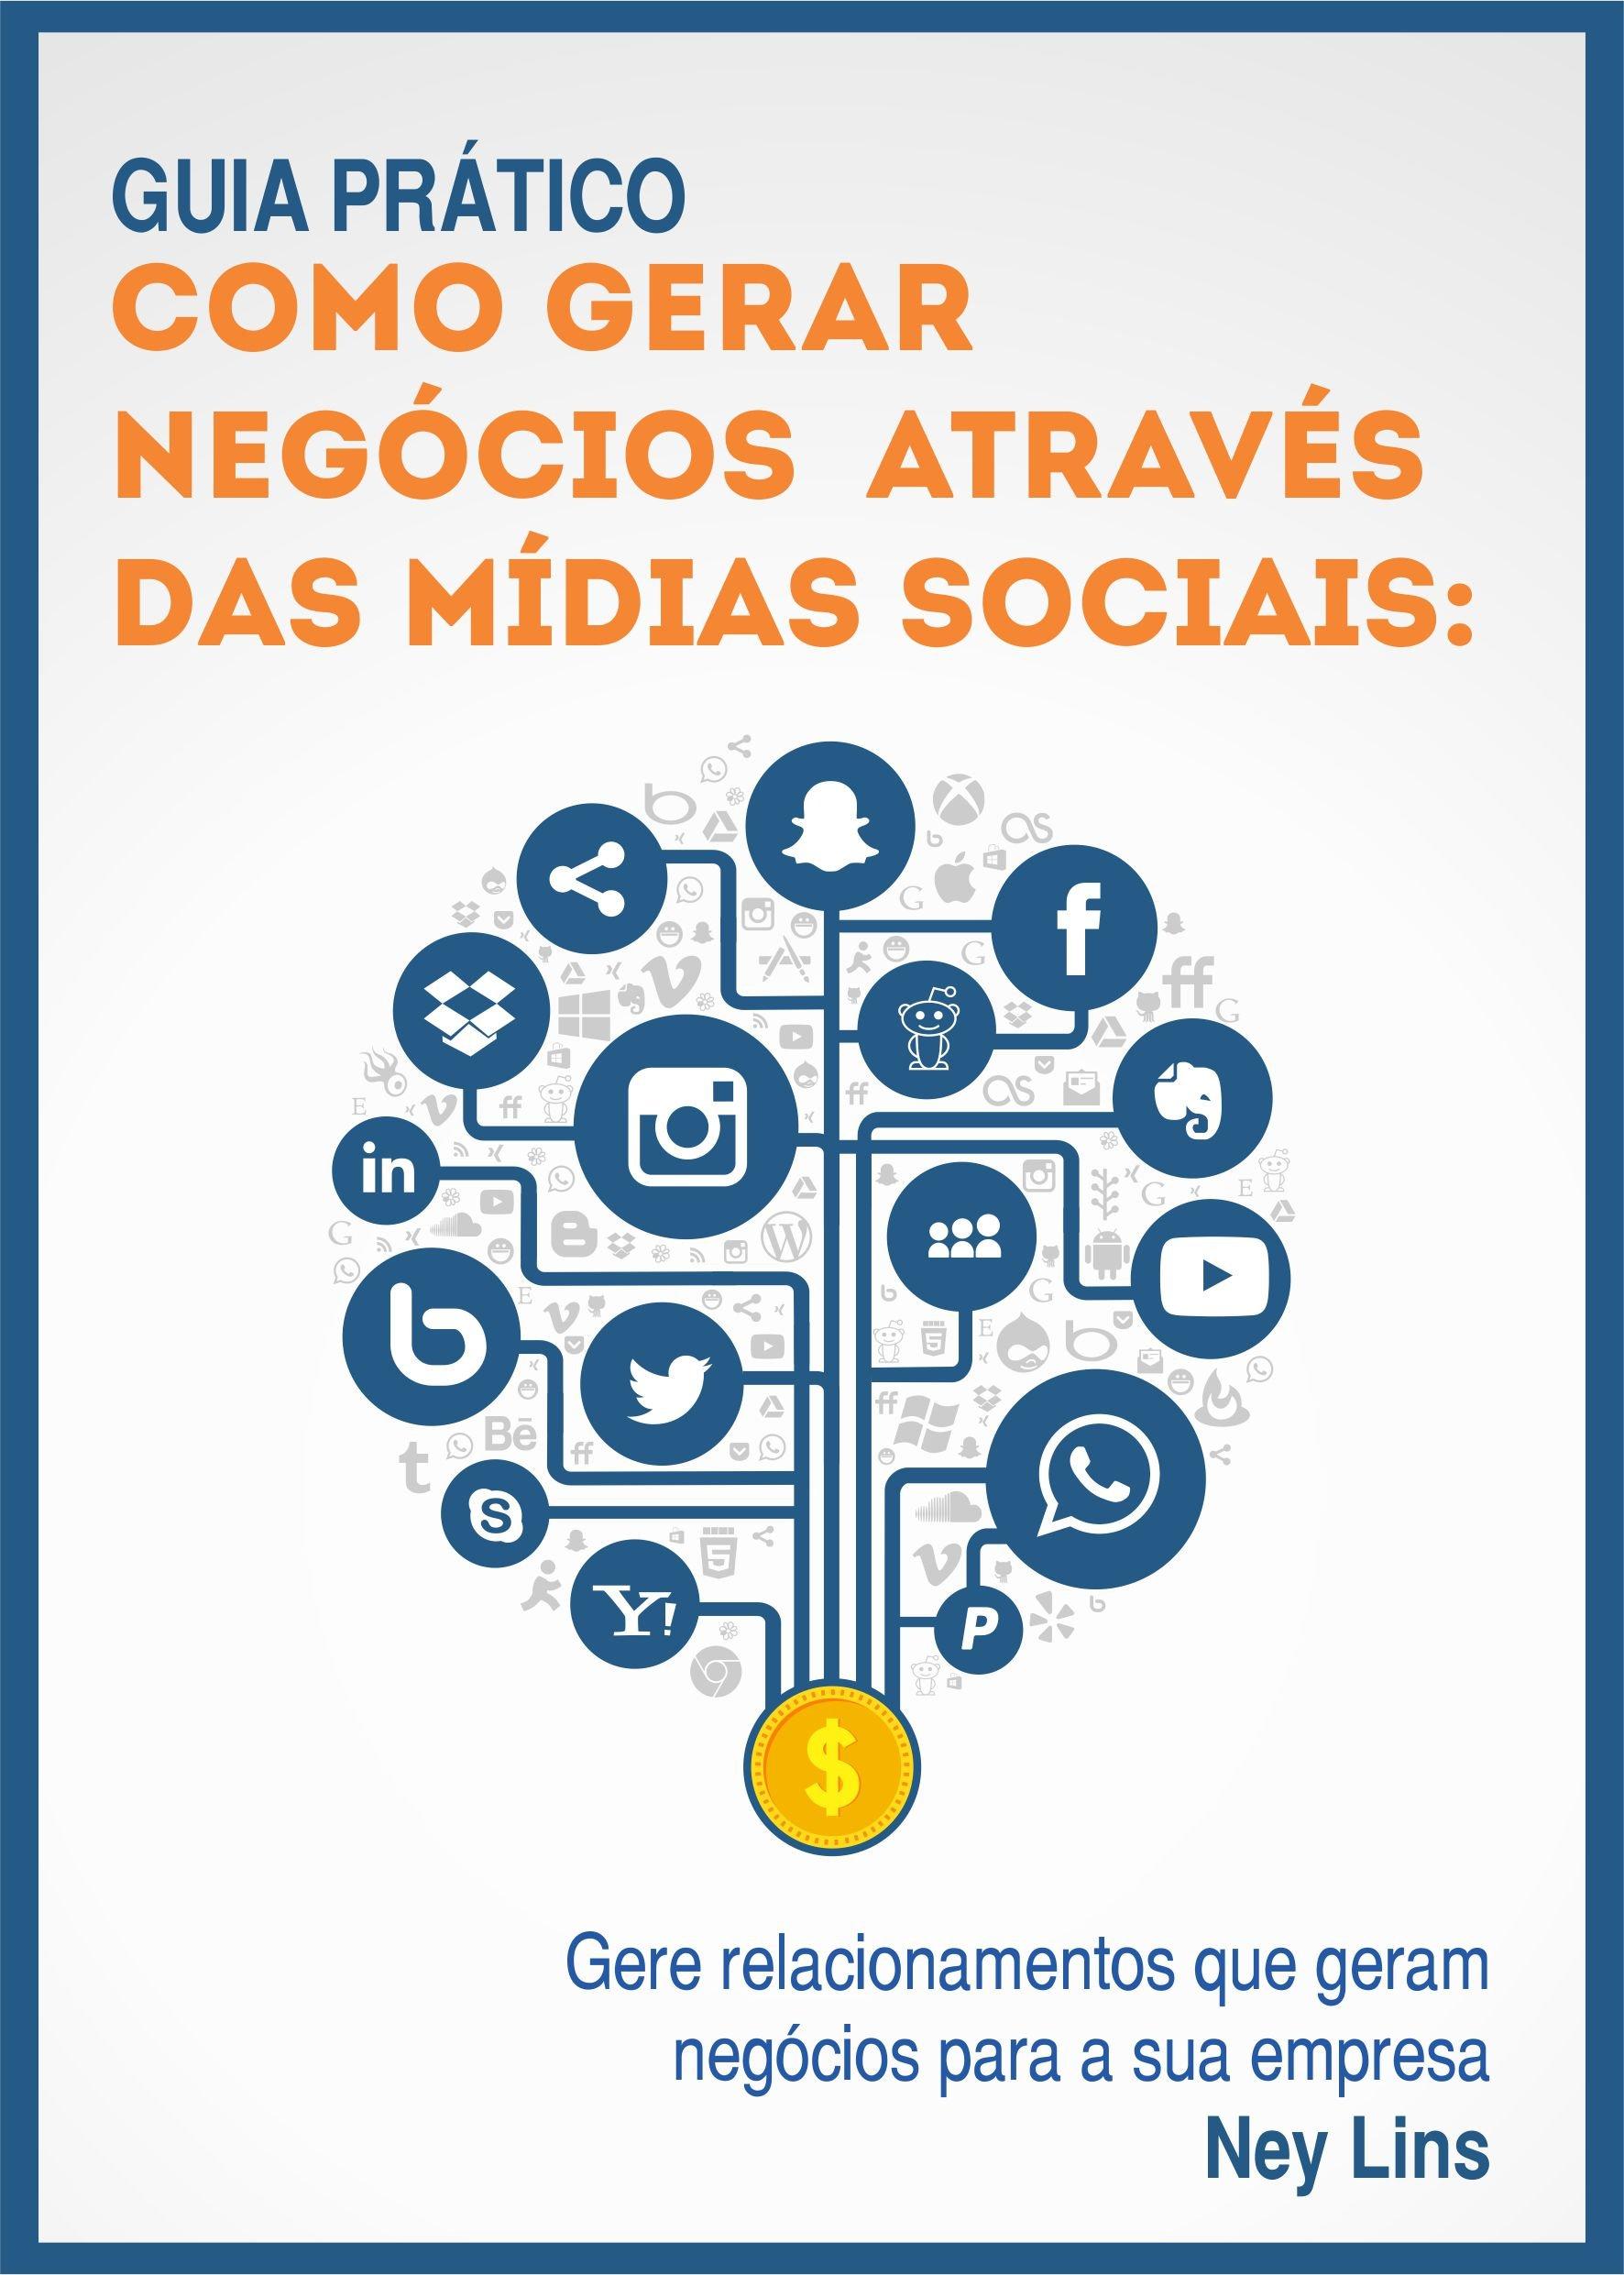 Guia prático de como gerar negócios através das Mídias Sociais: Gere relacionamentos que geram negócios para a sua empresa (Portuguese Edition) ISBN-13